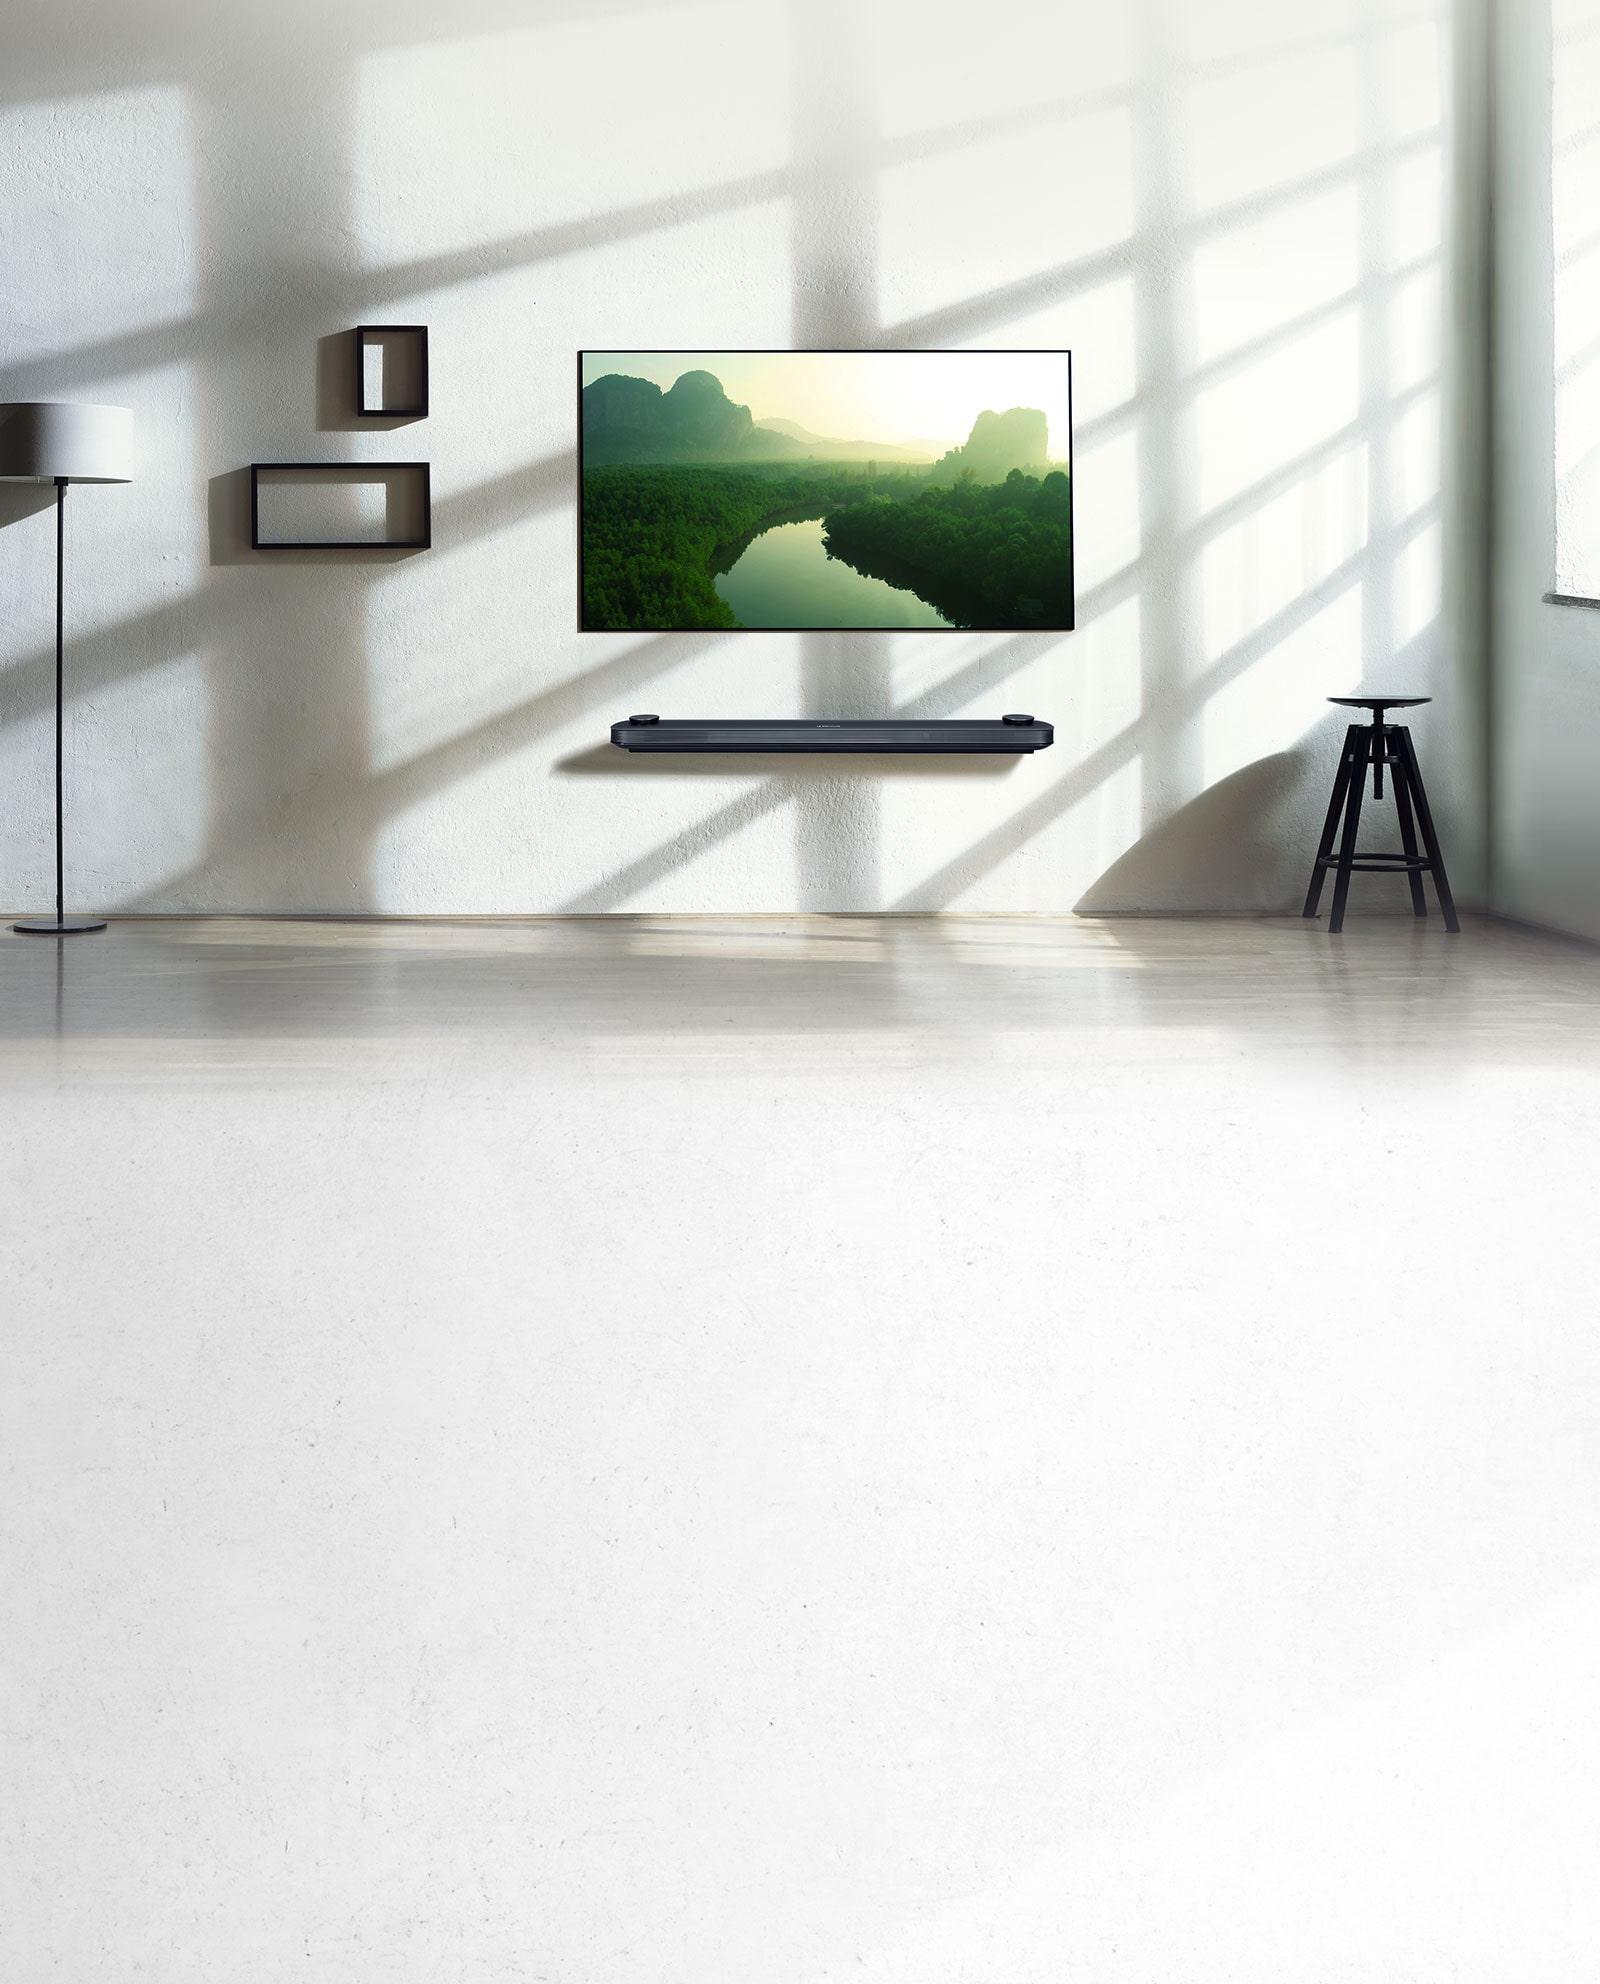 OLED TV นำเสนอดีไซน์ทีวีบางเฉียบแบบใหม่